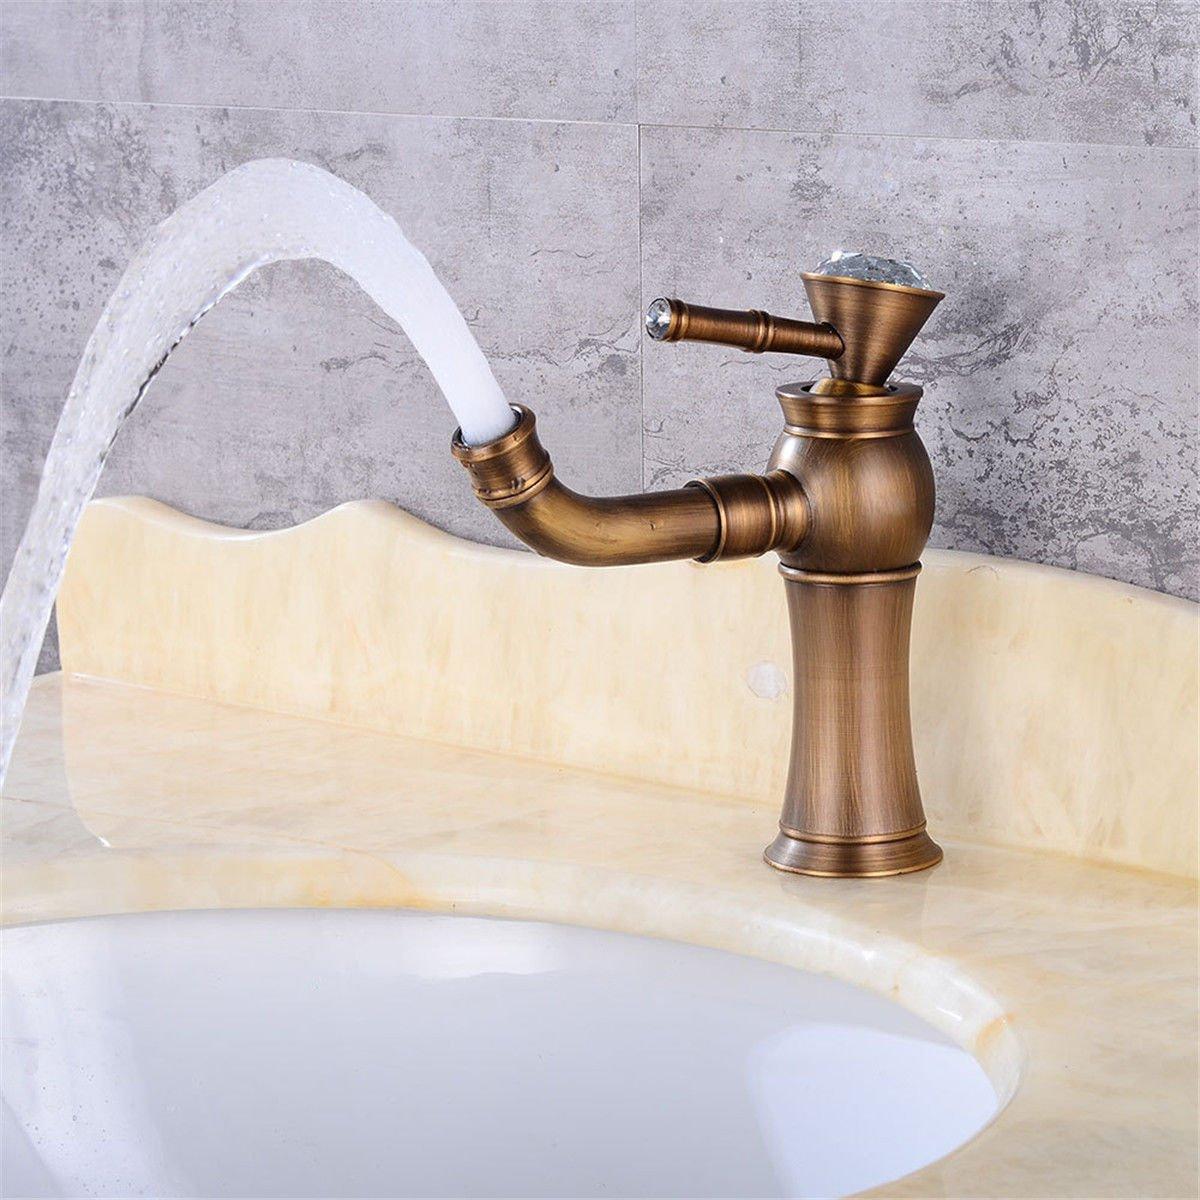 Home Tap Antique Becken Wasserhahn Waschbecken Waschbecken Wasserhahn Messing unter Zähler Becken rotierenden Wasserhahn Bad Becken Wasserhahn